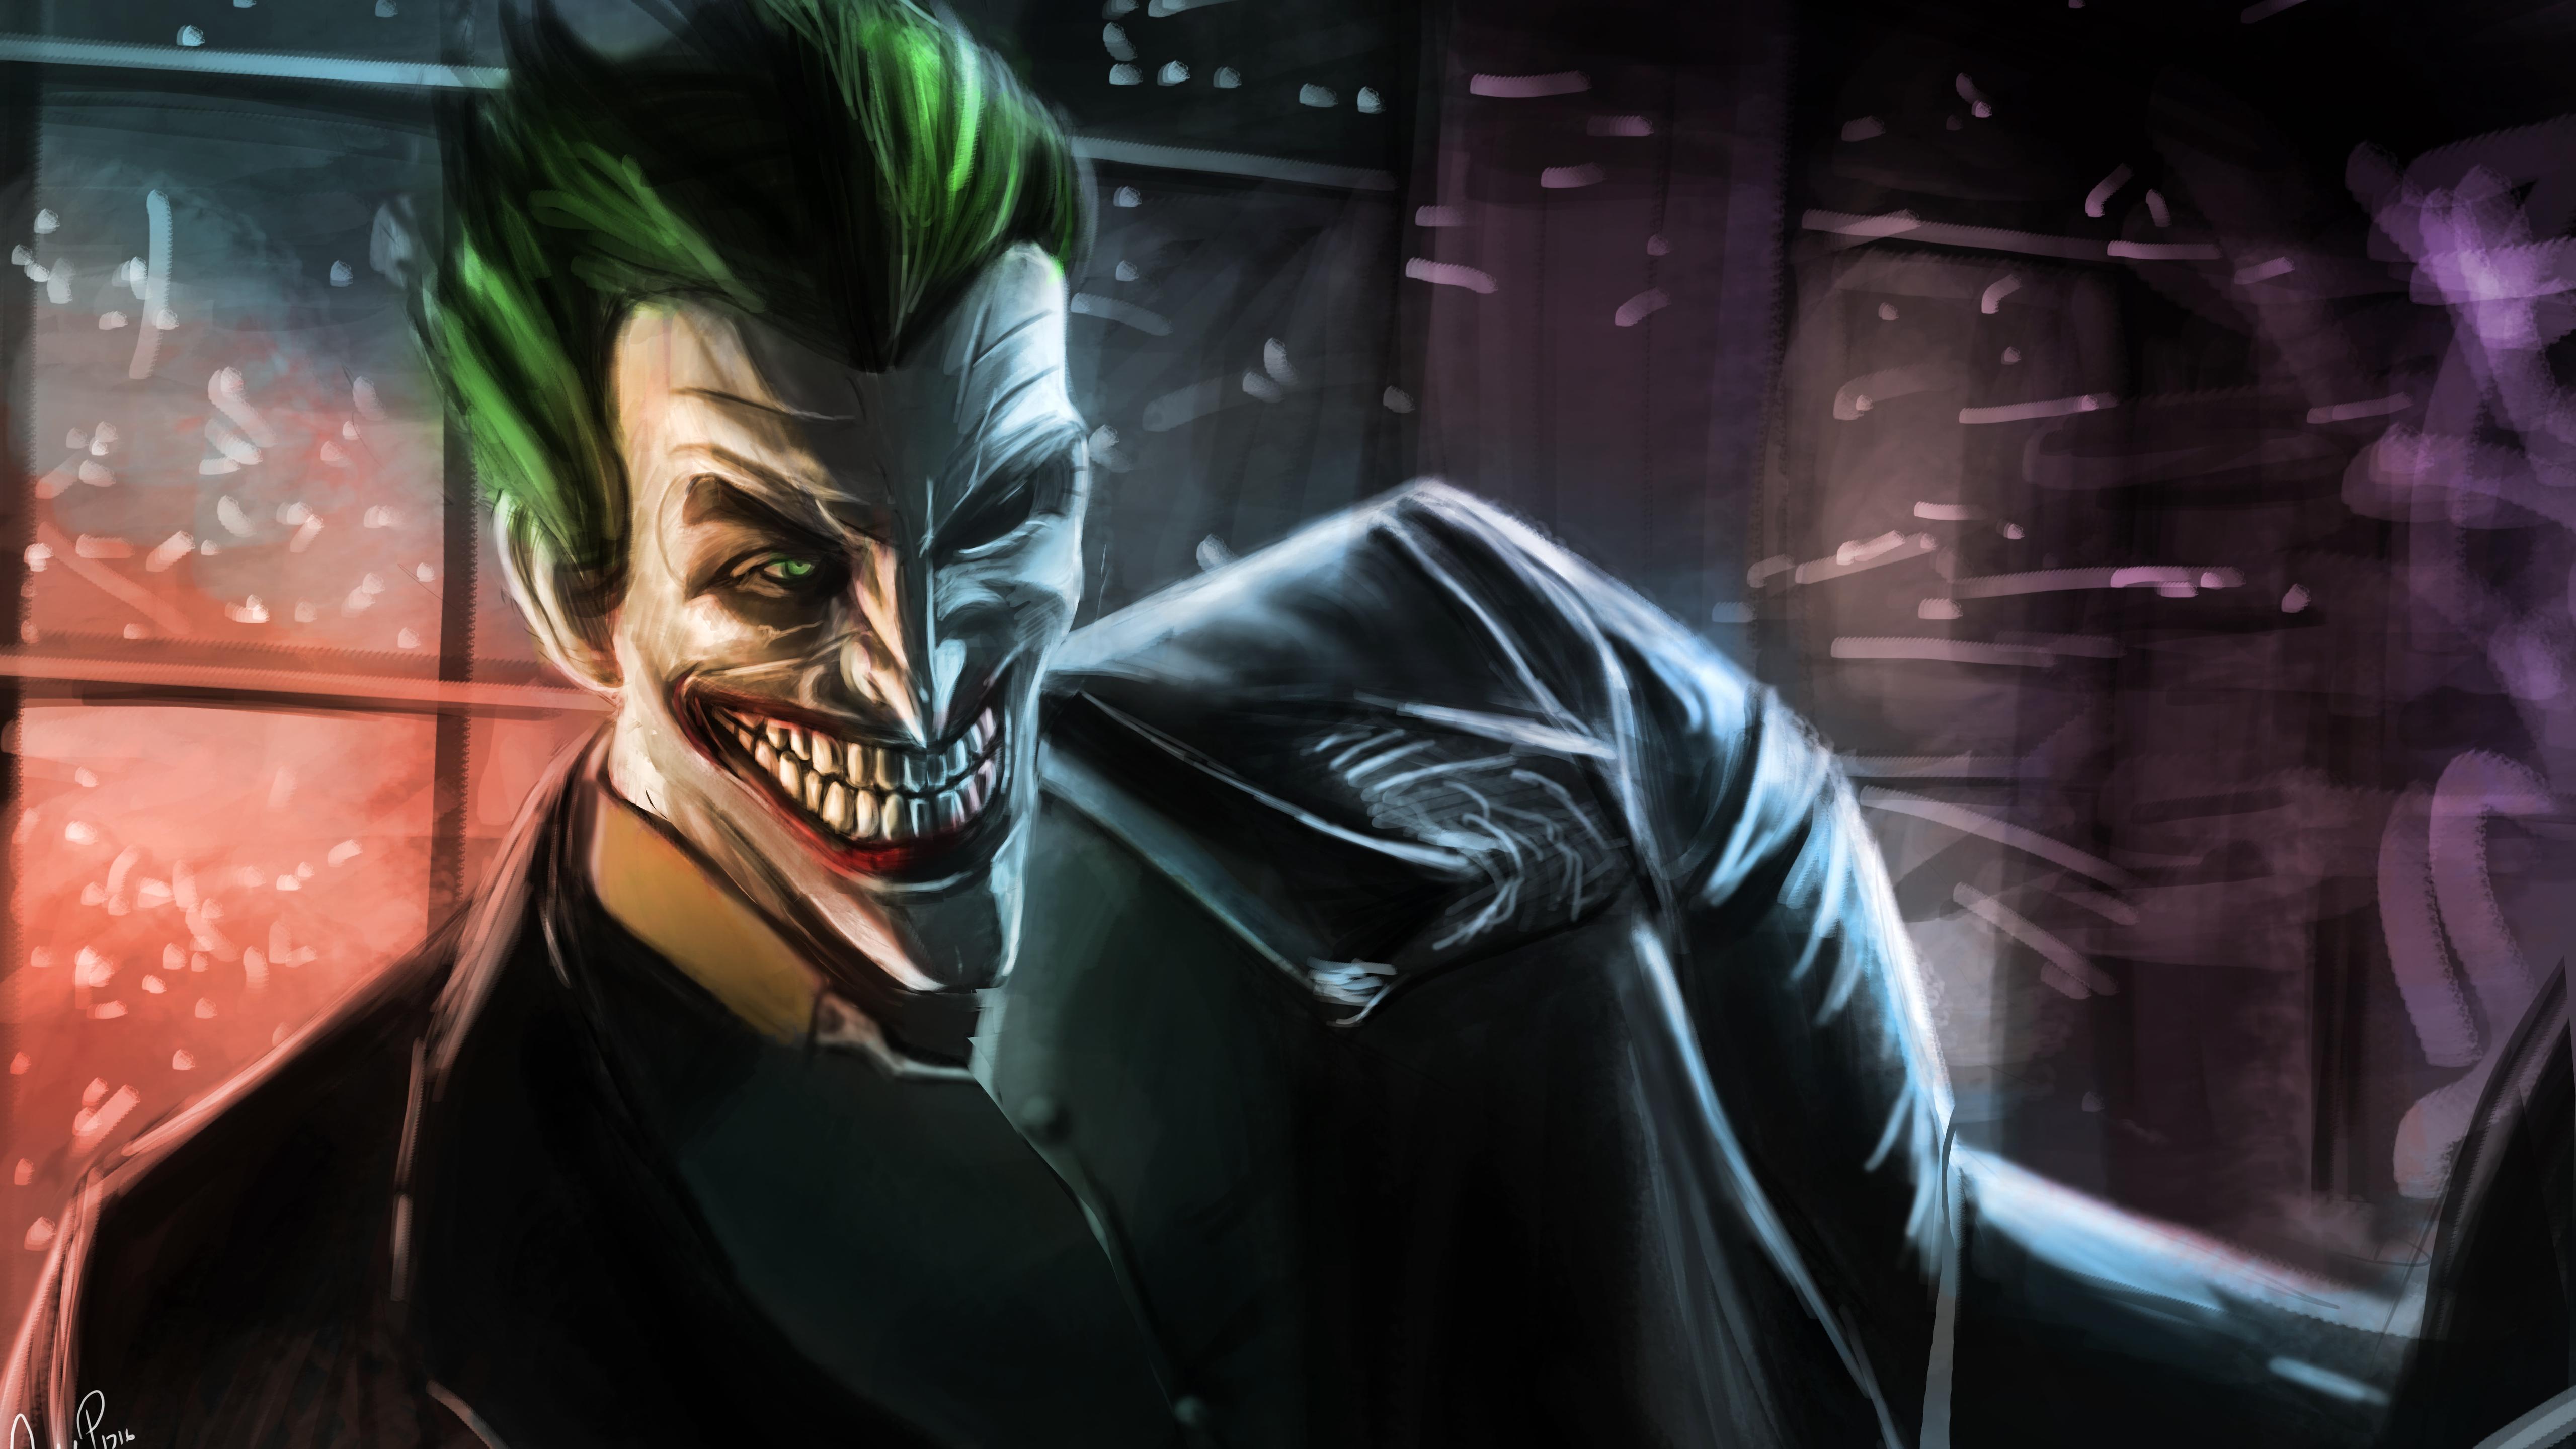 joker-arkham-origins-it.jpg